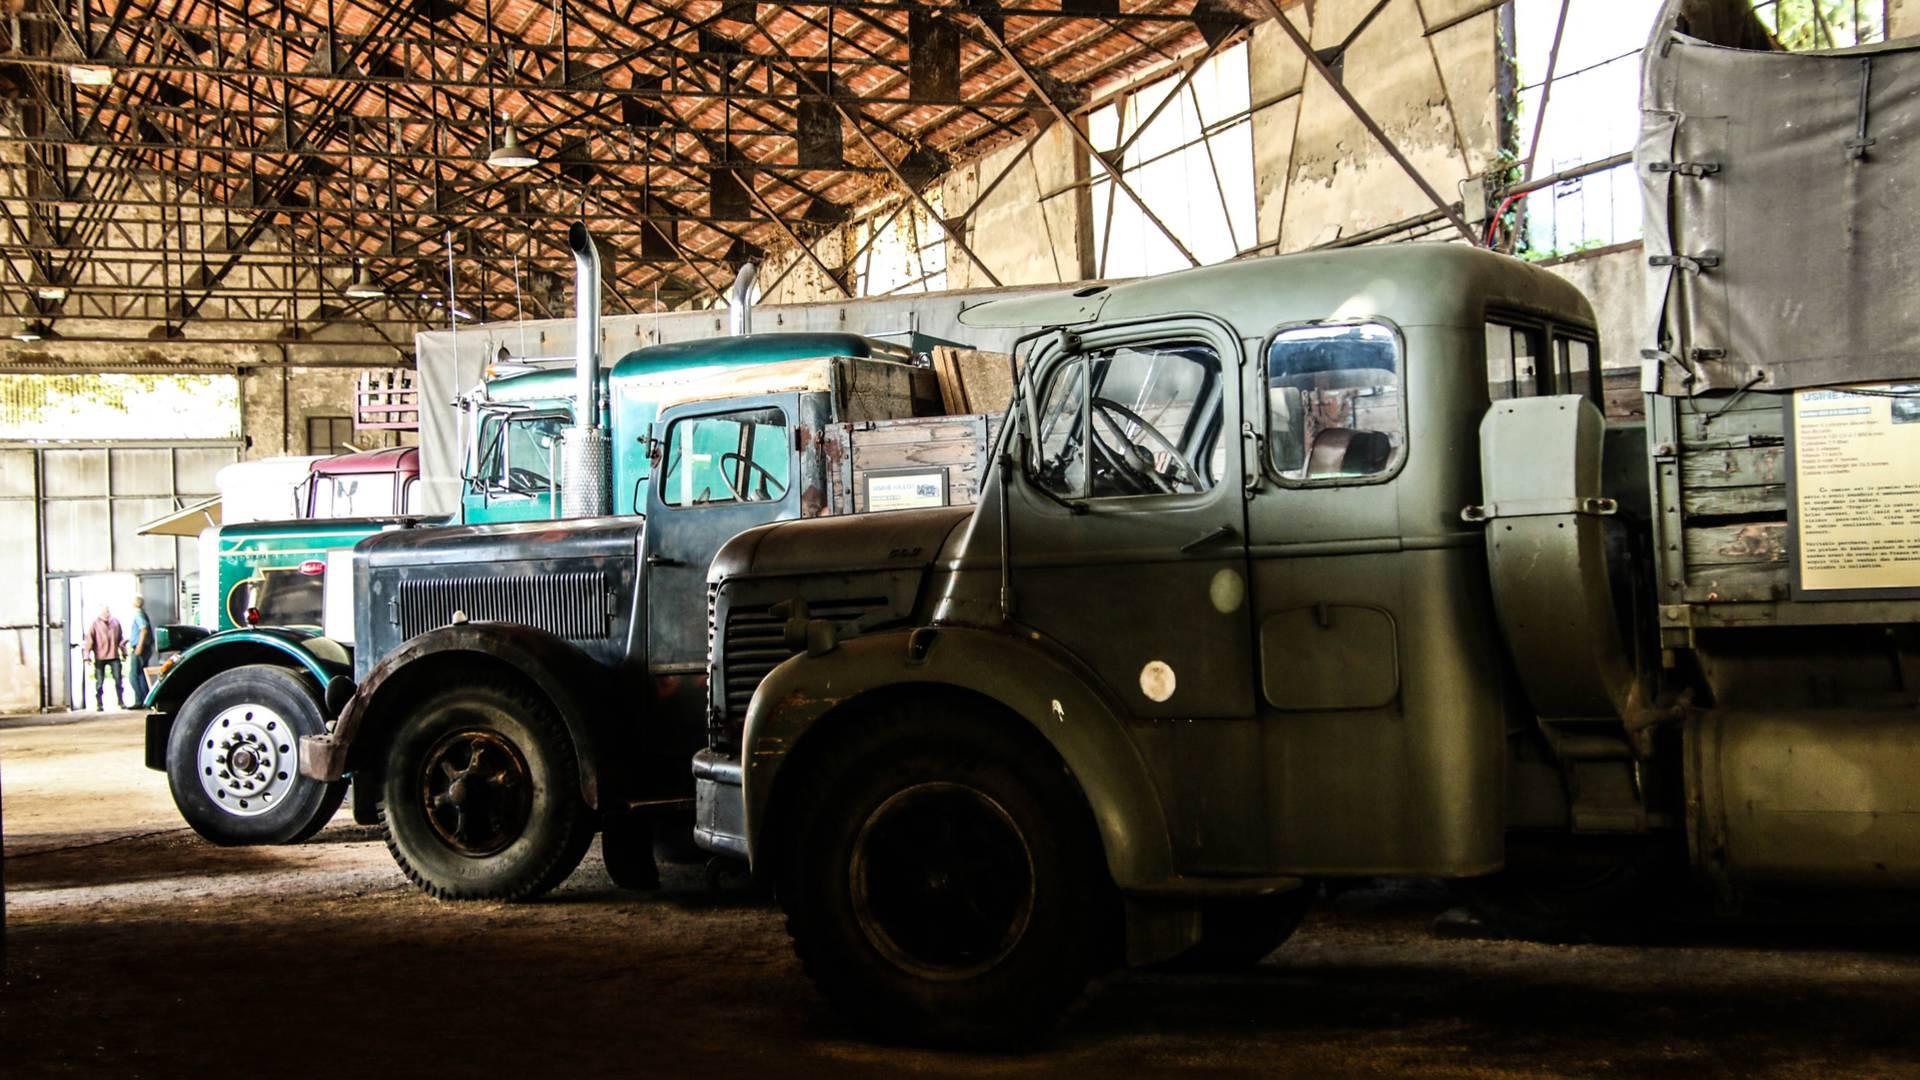 Camions exposés à l'Uisne Aillot, Montceau-les-Mines. © Lesley Williamson.